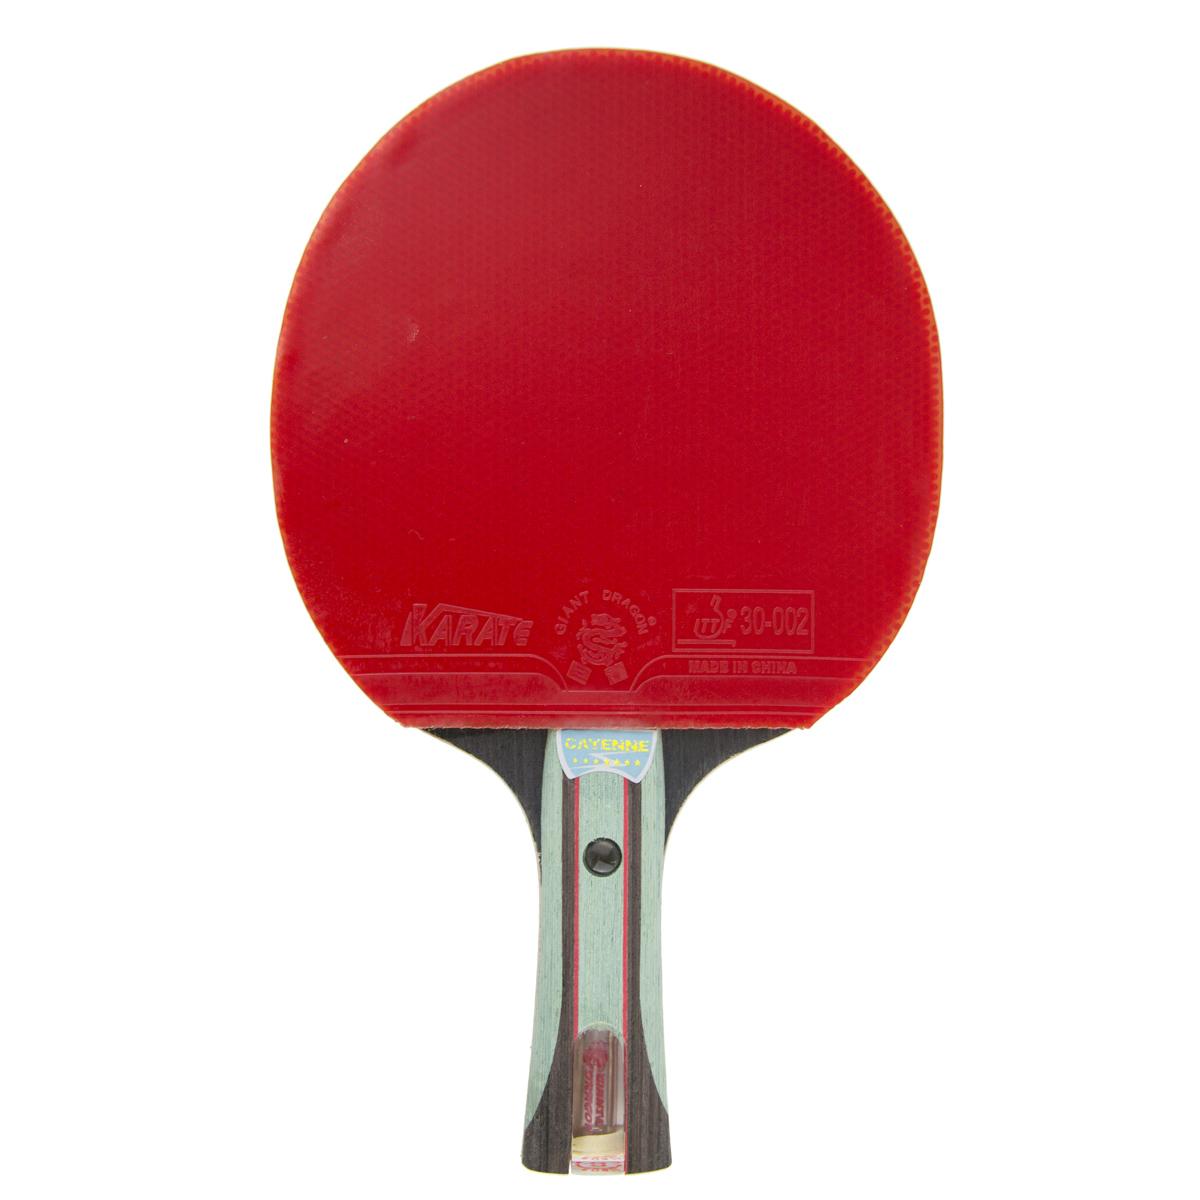 Pálka na stolní tenis SUV Cayaenne Balsa Carbo 7*